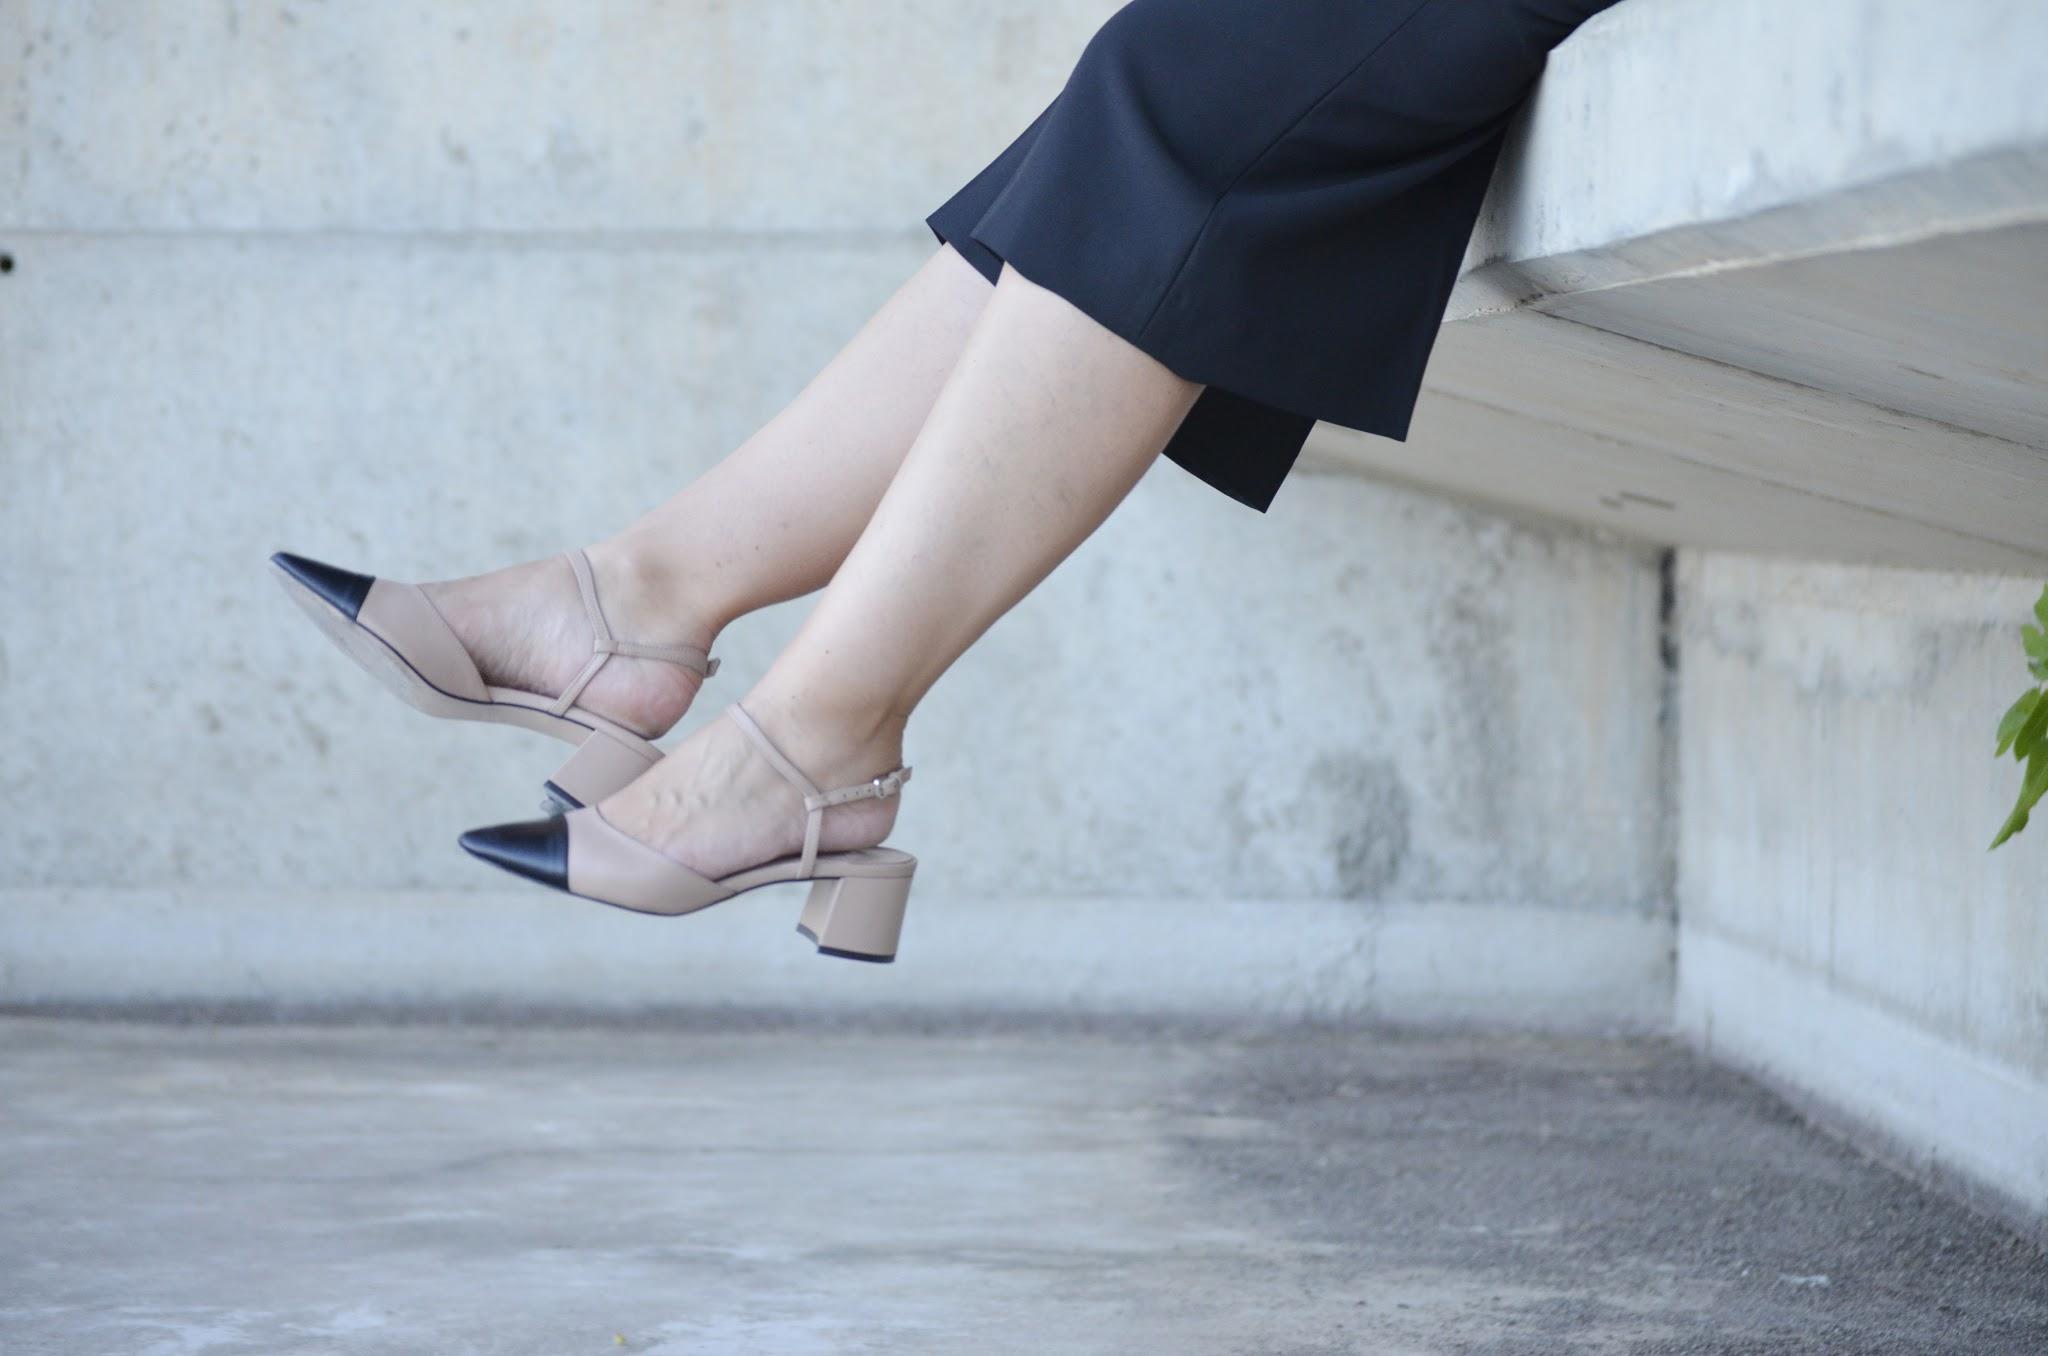 tendencia_zapatos_slingback_chanel_clon_uterque